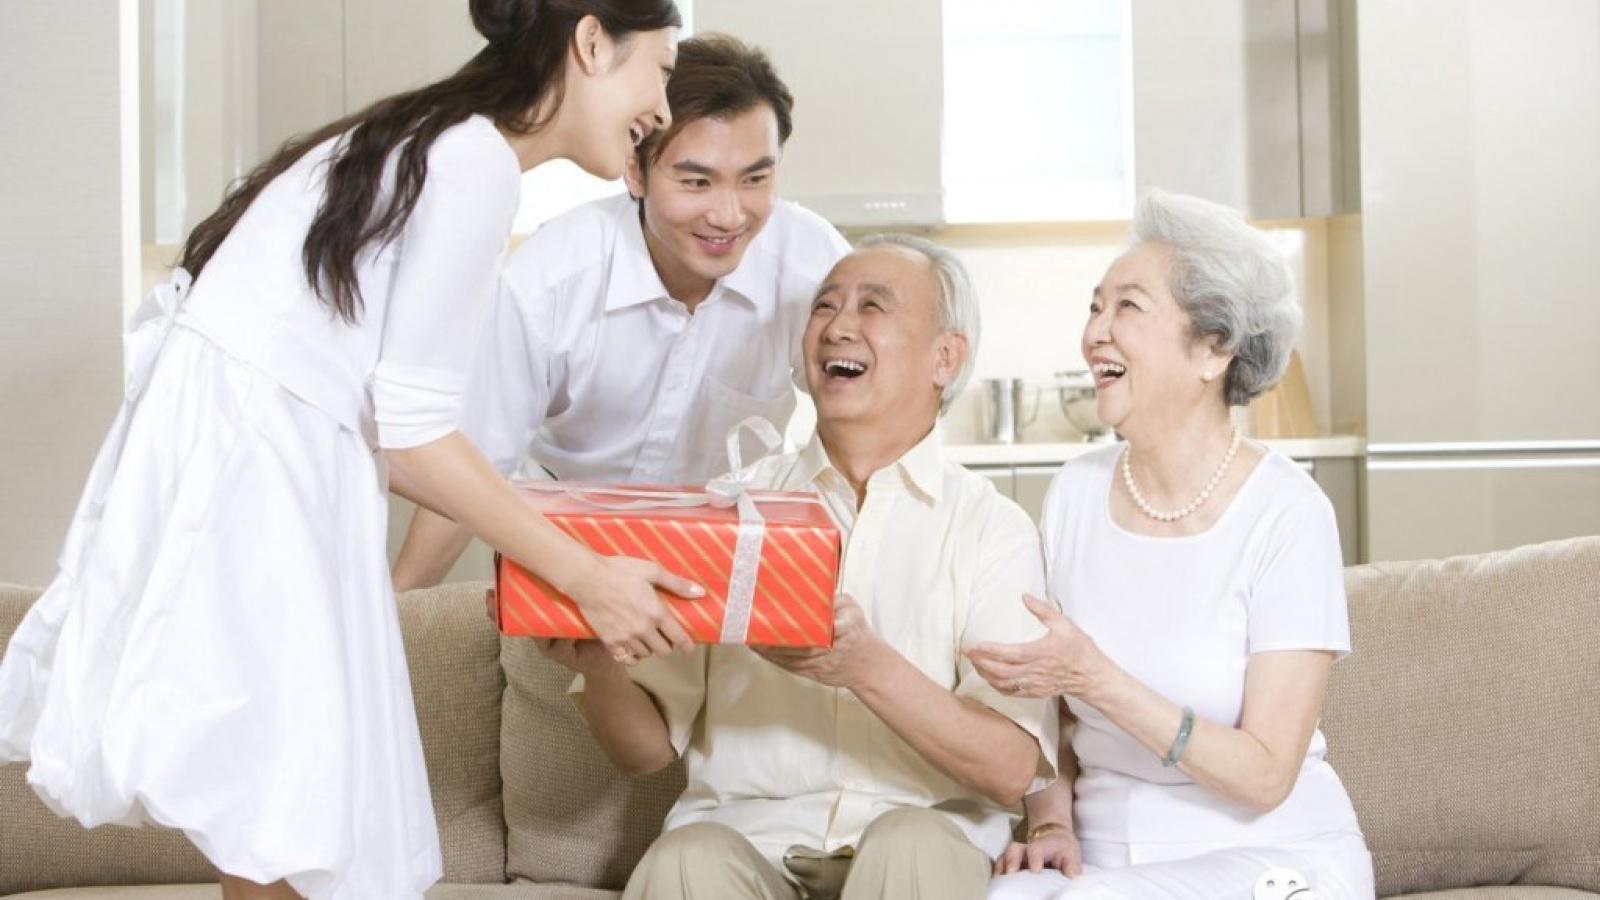 Làm thế nào để giữ mối quan hệ tốt đẹp với nhà chồng?